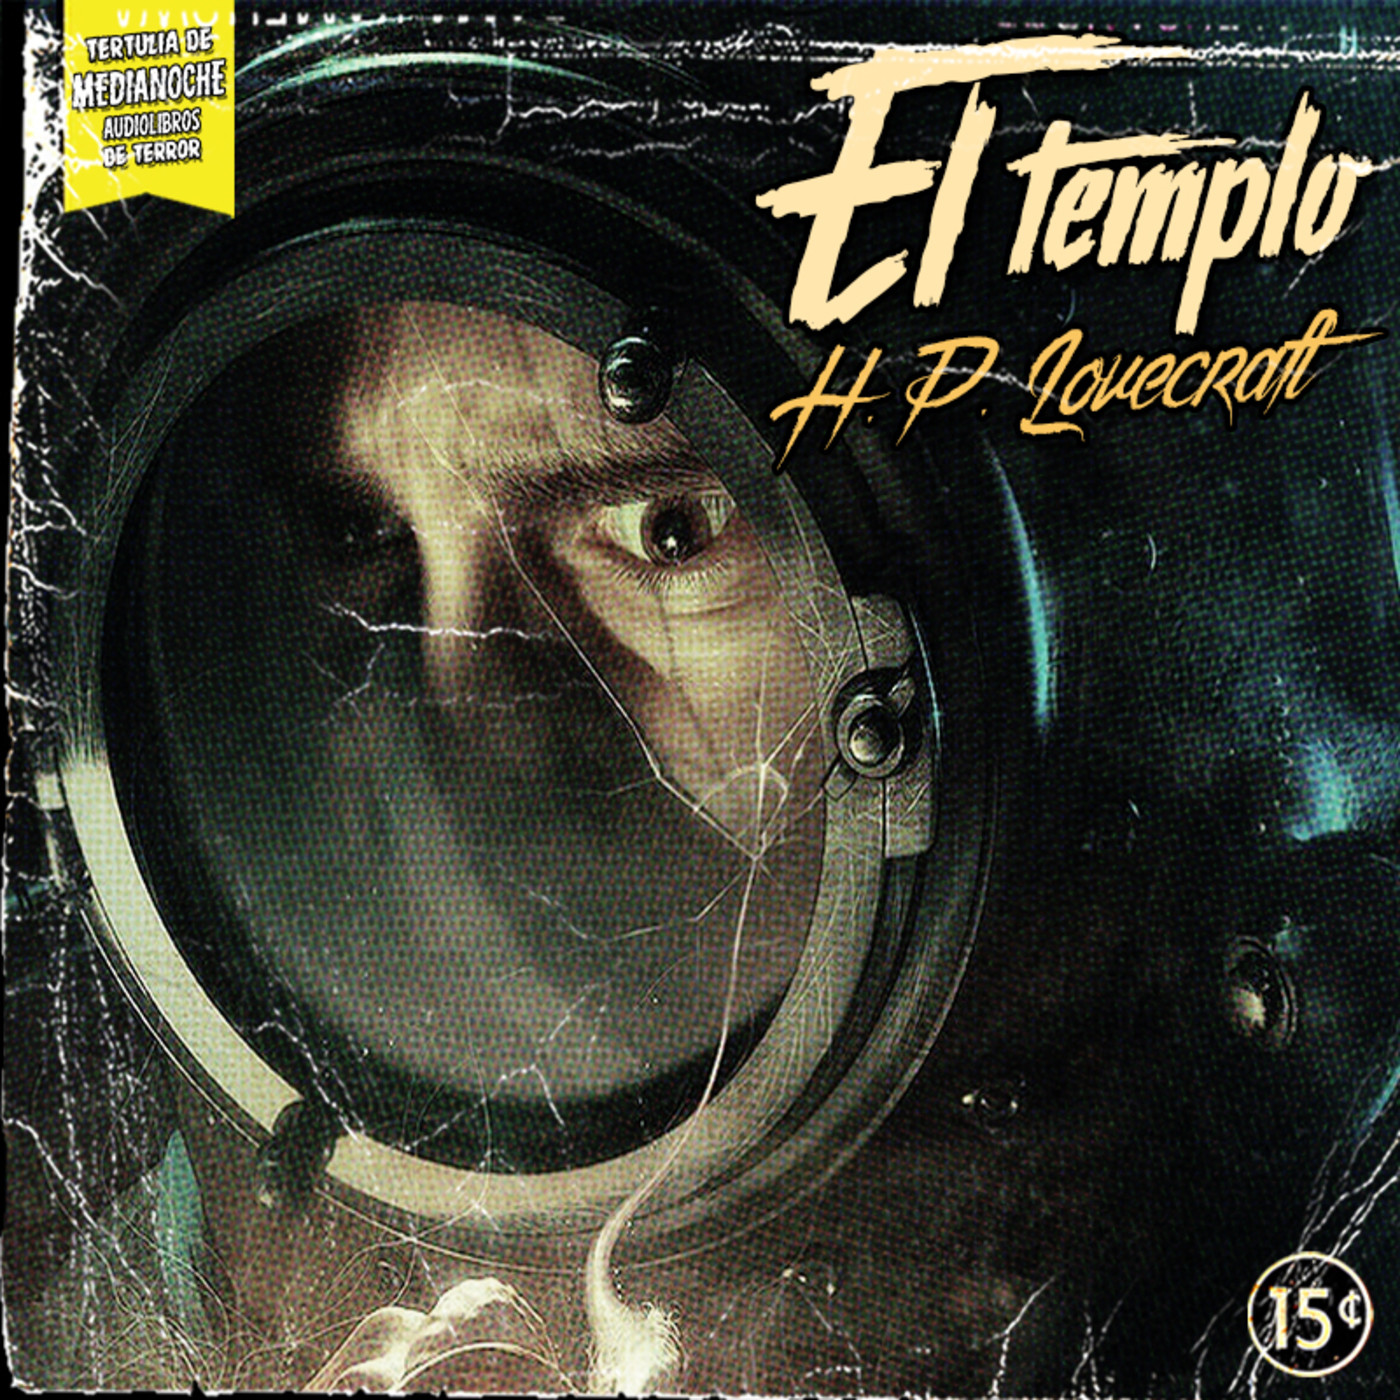 El templo, de H. P. Lovecraft - (Audiolibro Ambientado y dramatizado)